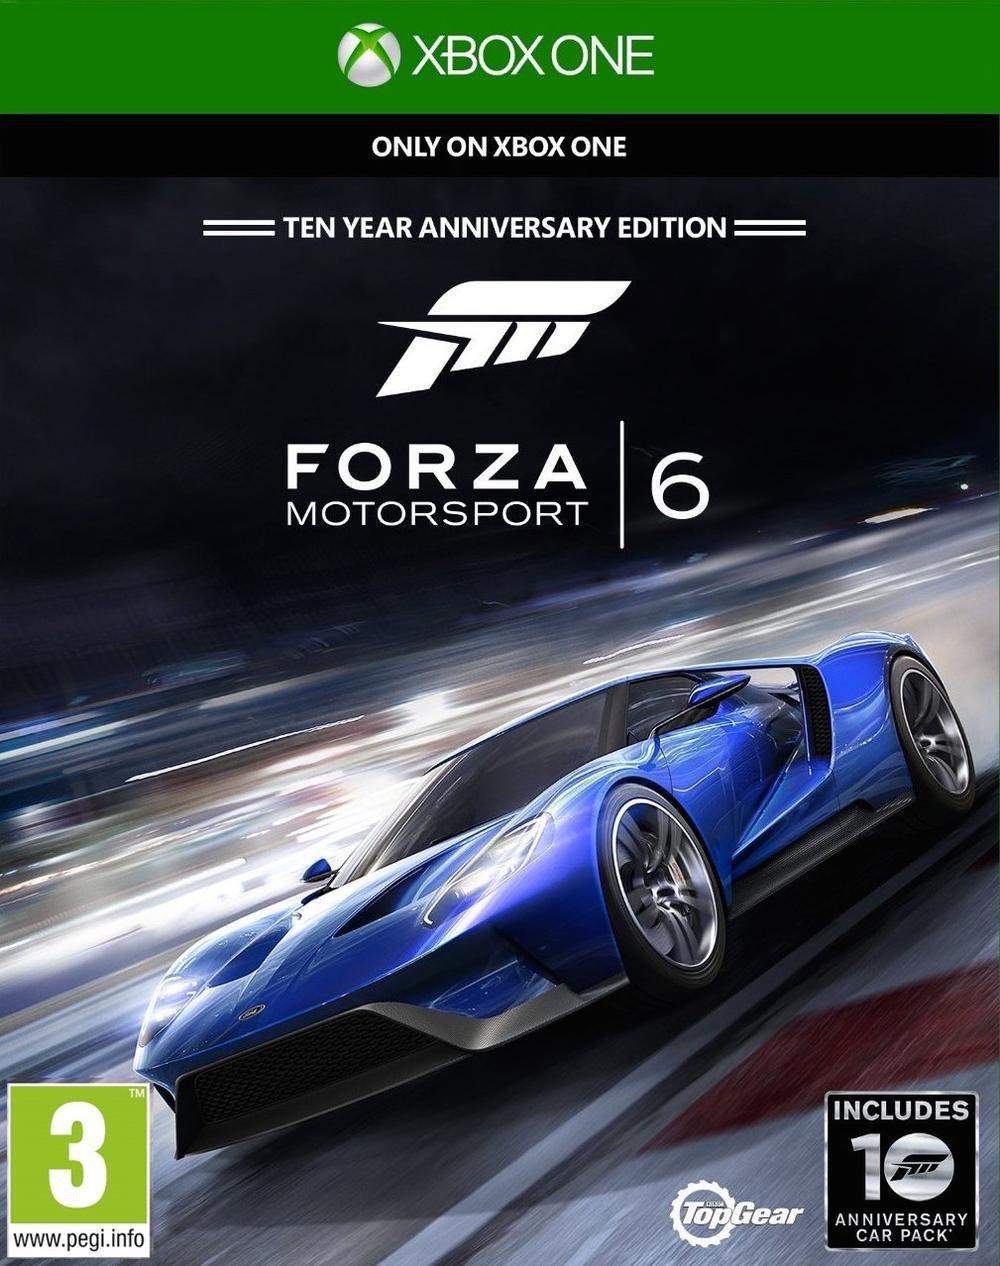 Forza Motorsport 6 Edition 10ème Anniversaire sur Xbox One